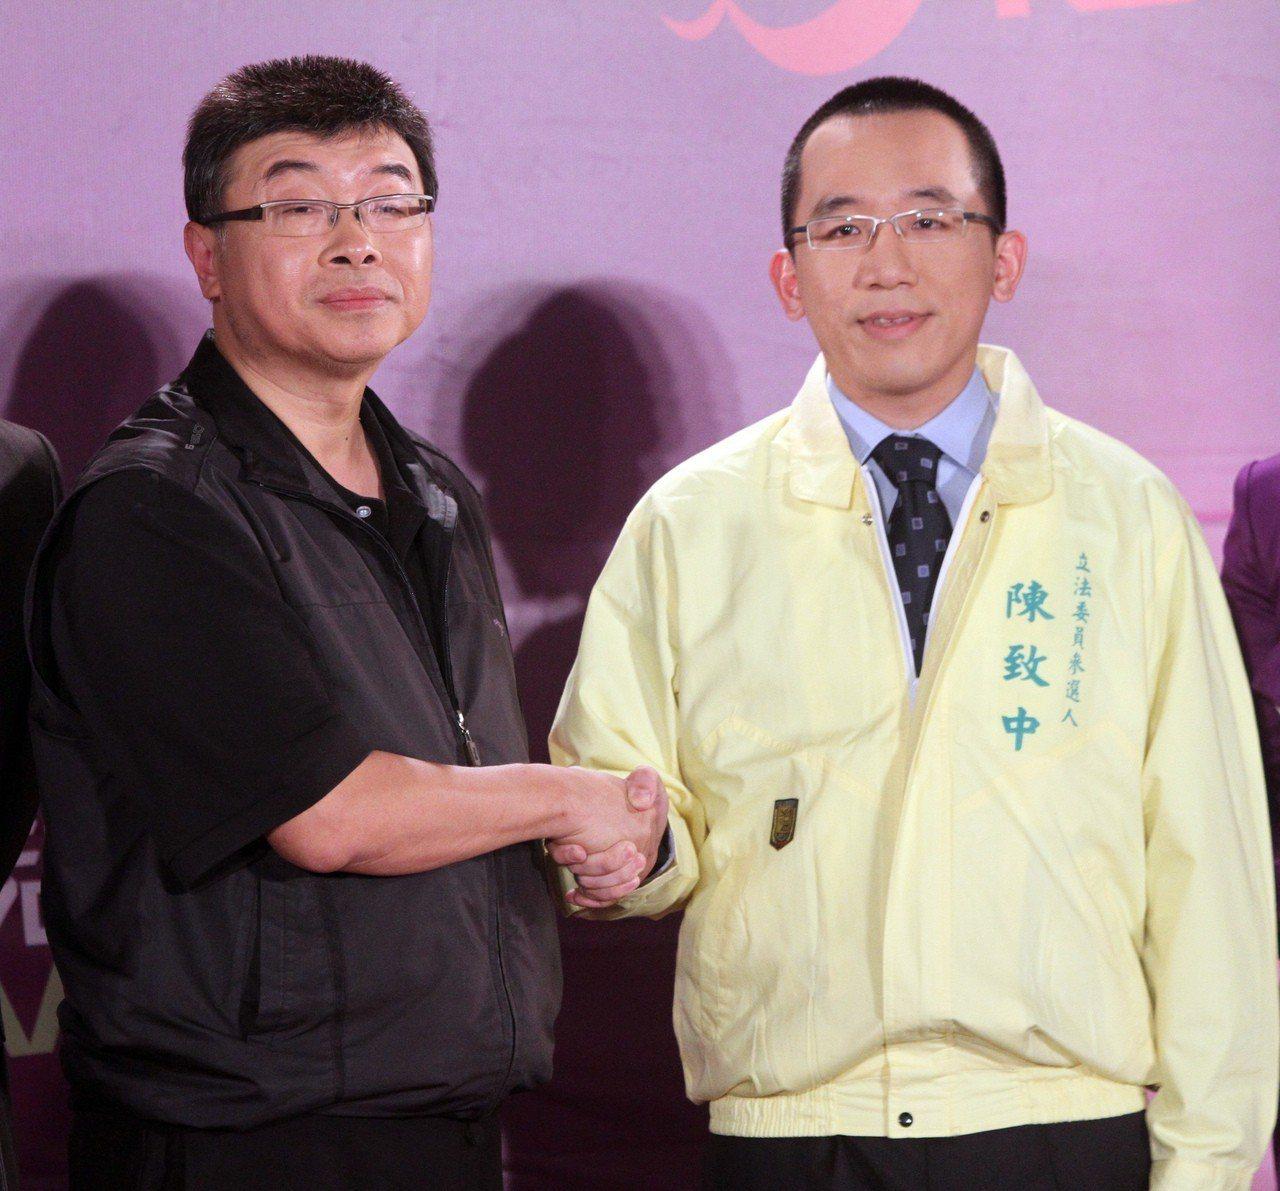 參選立委的邱毅(左)與陳致中辯論前,兩人先禮貌性握手。圖/聯合報系資料照片